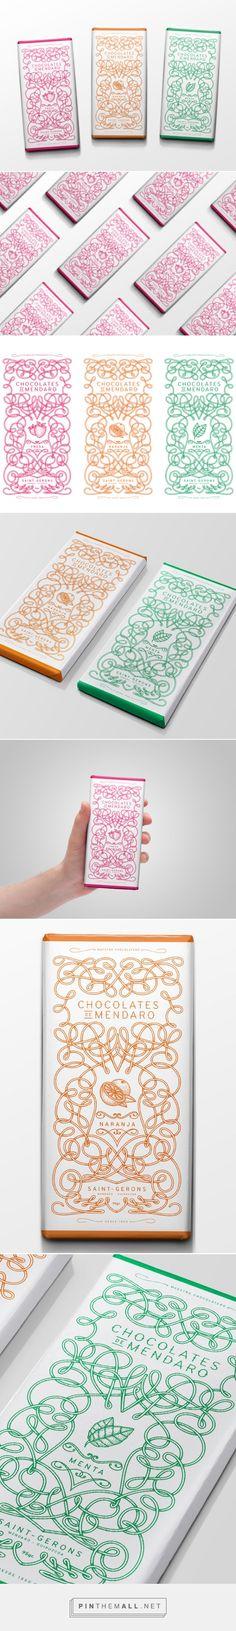 Chocolates de Mendaro Packaging Design